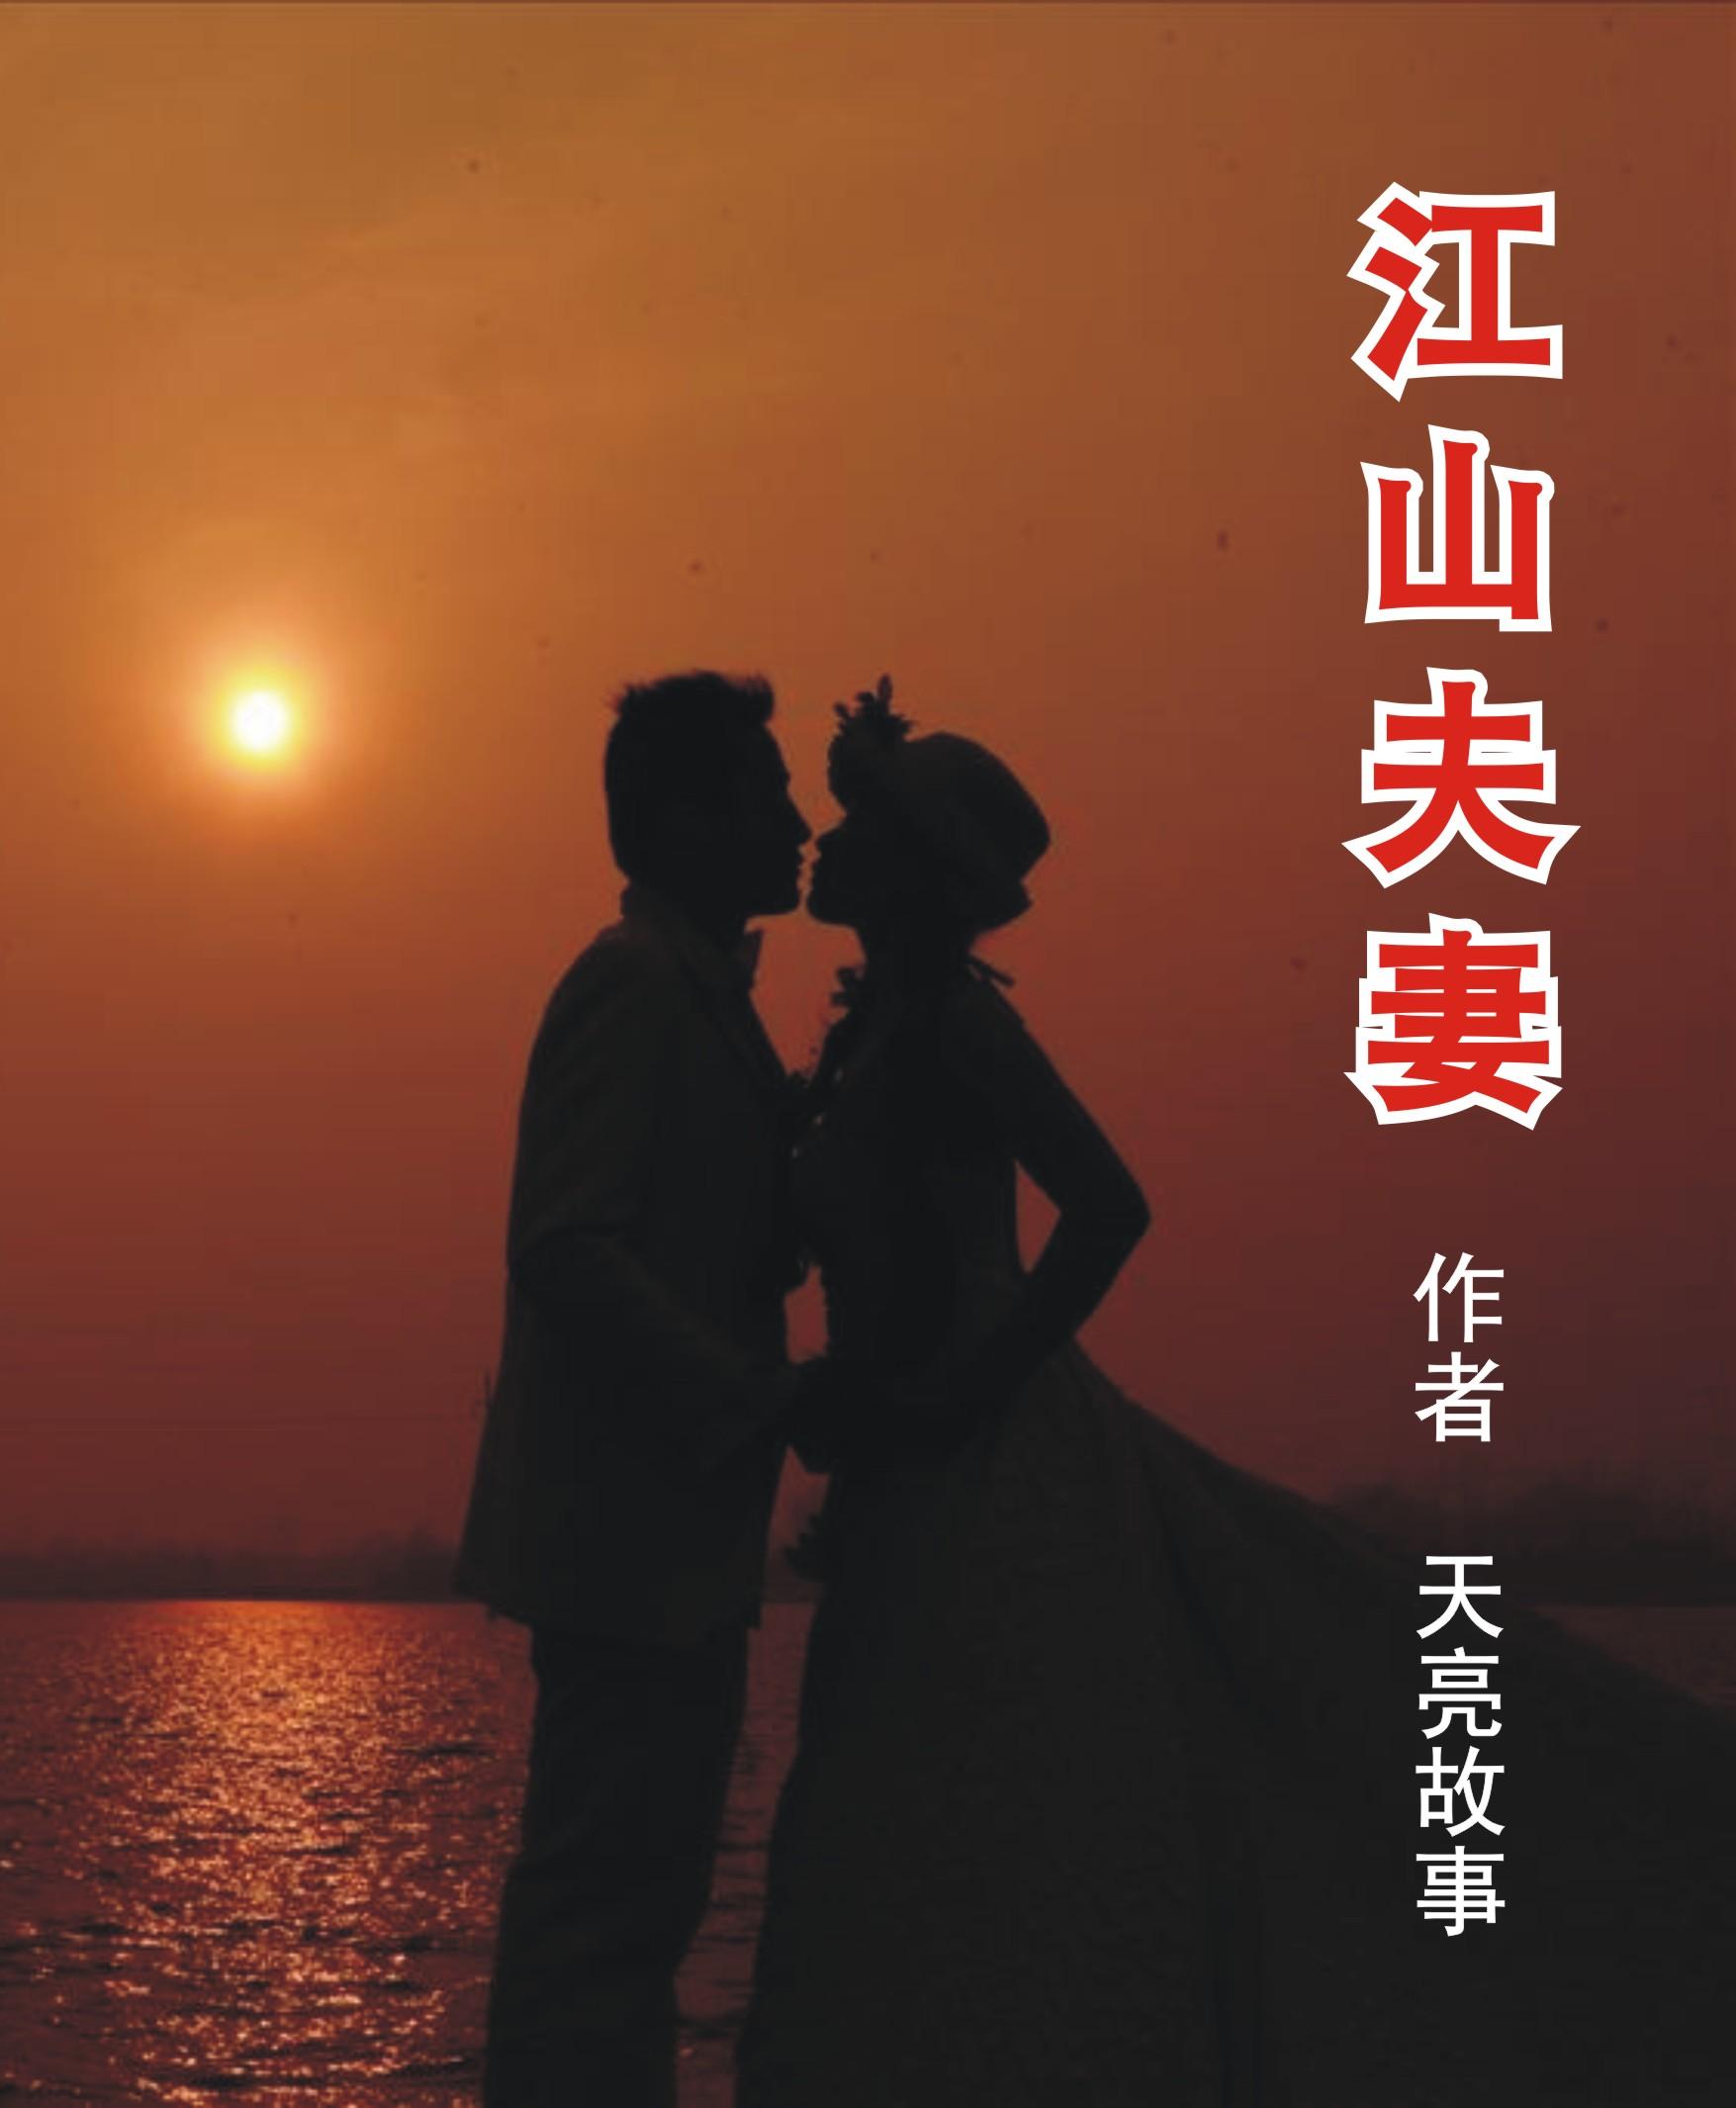 【轻舞】江山夫妻(诗歌)